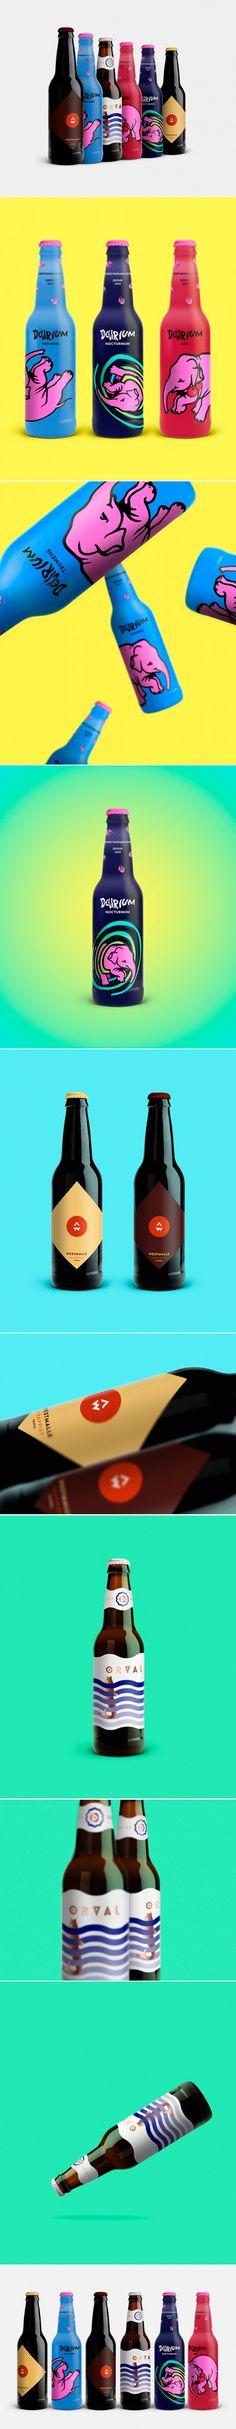 Ján Bača - Belgian Beers Labels Redesign (concept)